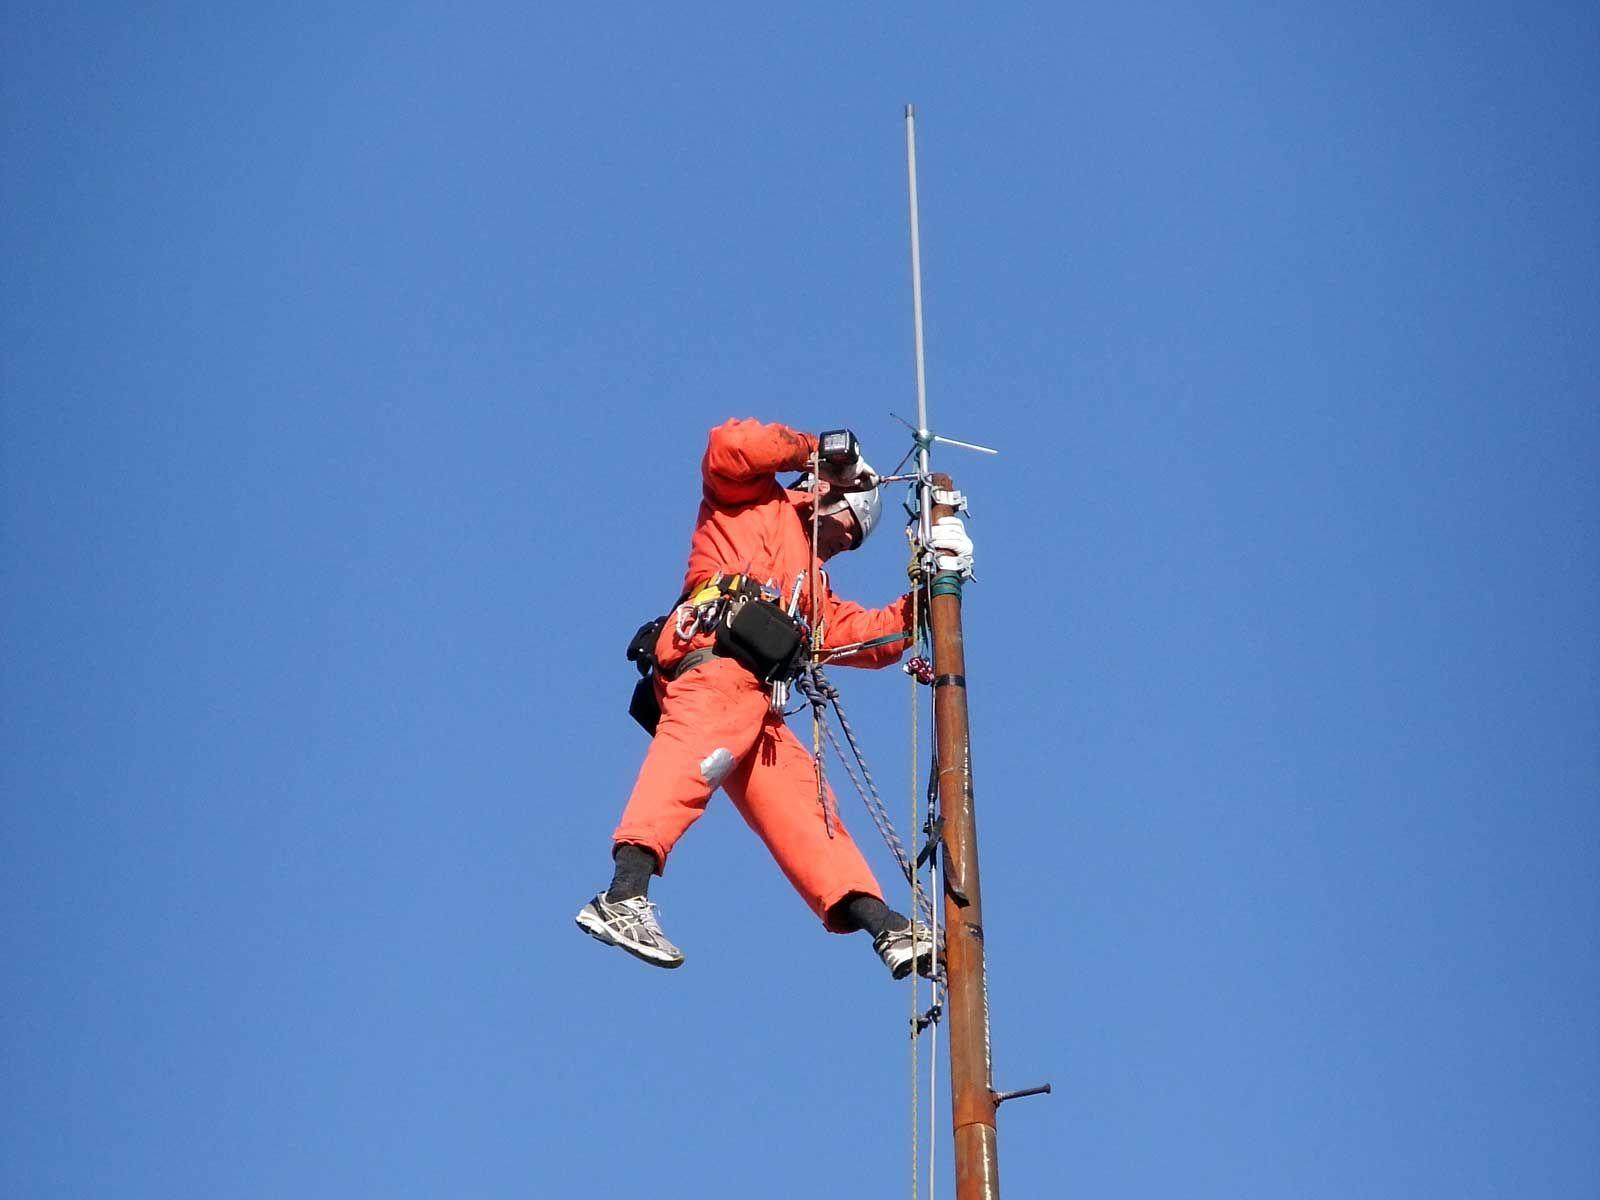 業務用務線アンテナの工事